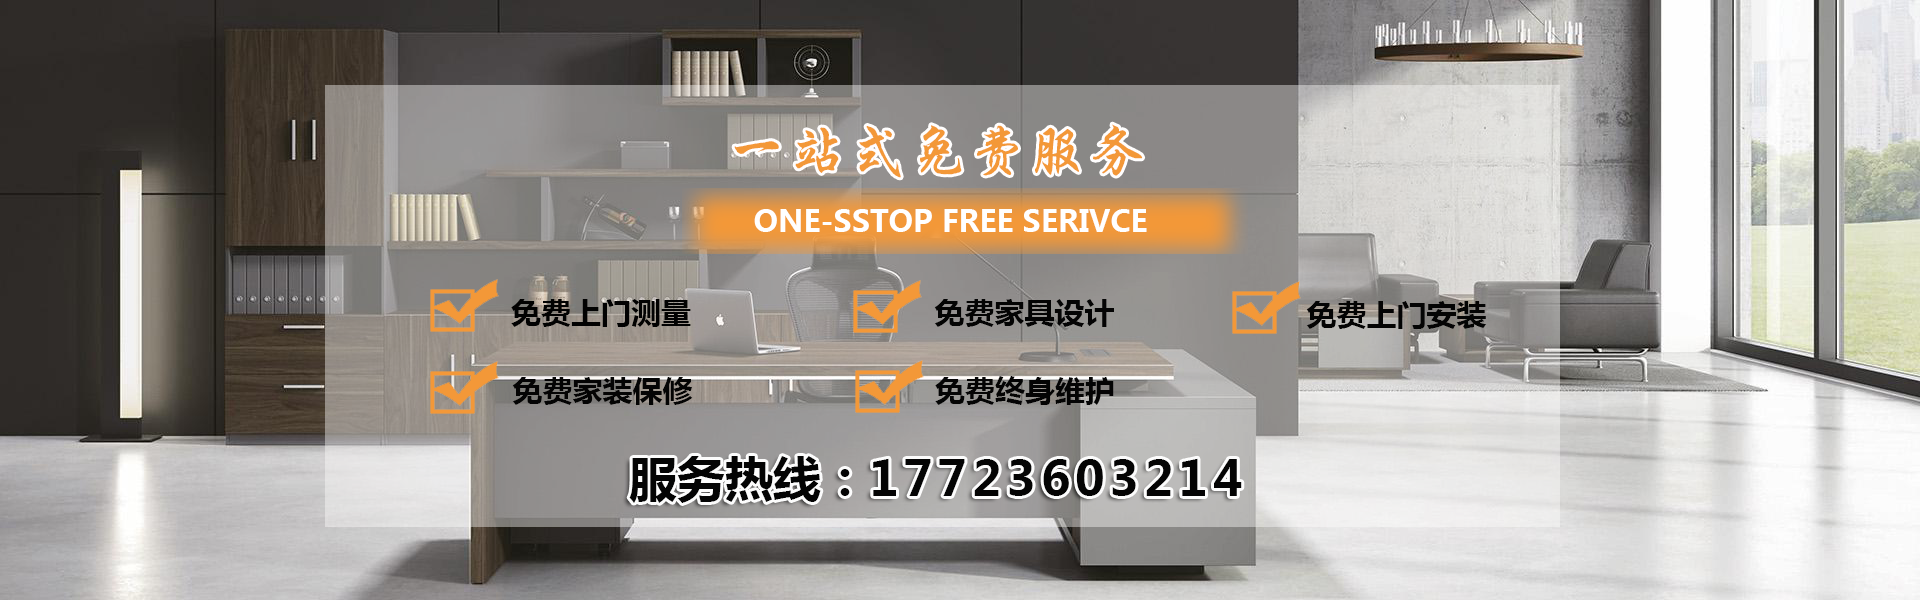 重庆办公家具厂一站式免费服务,免费上门测量,免费家具设计,免费上门安装,免费家装报修,免费终身维护